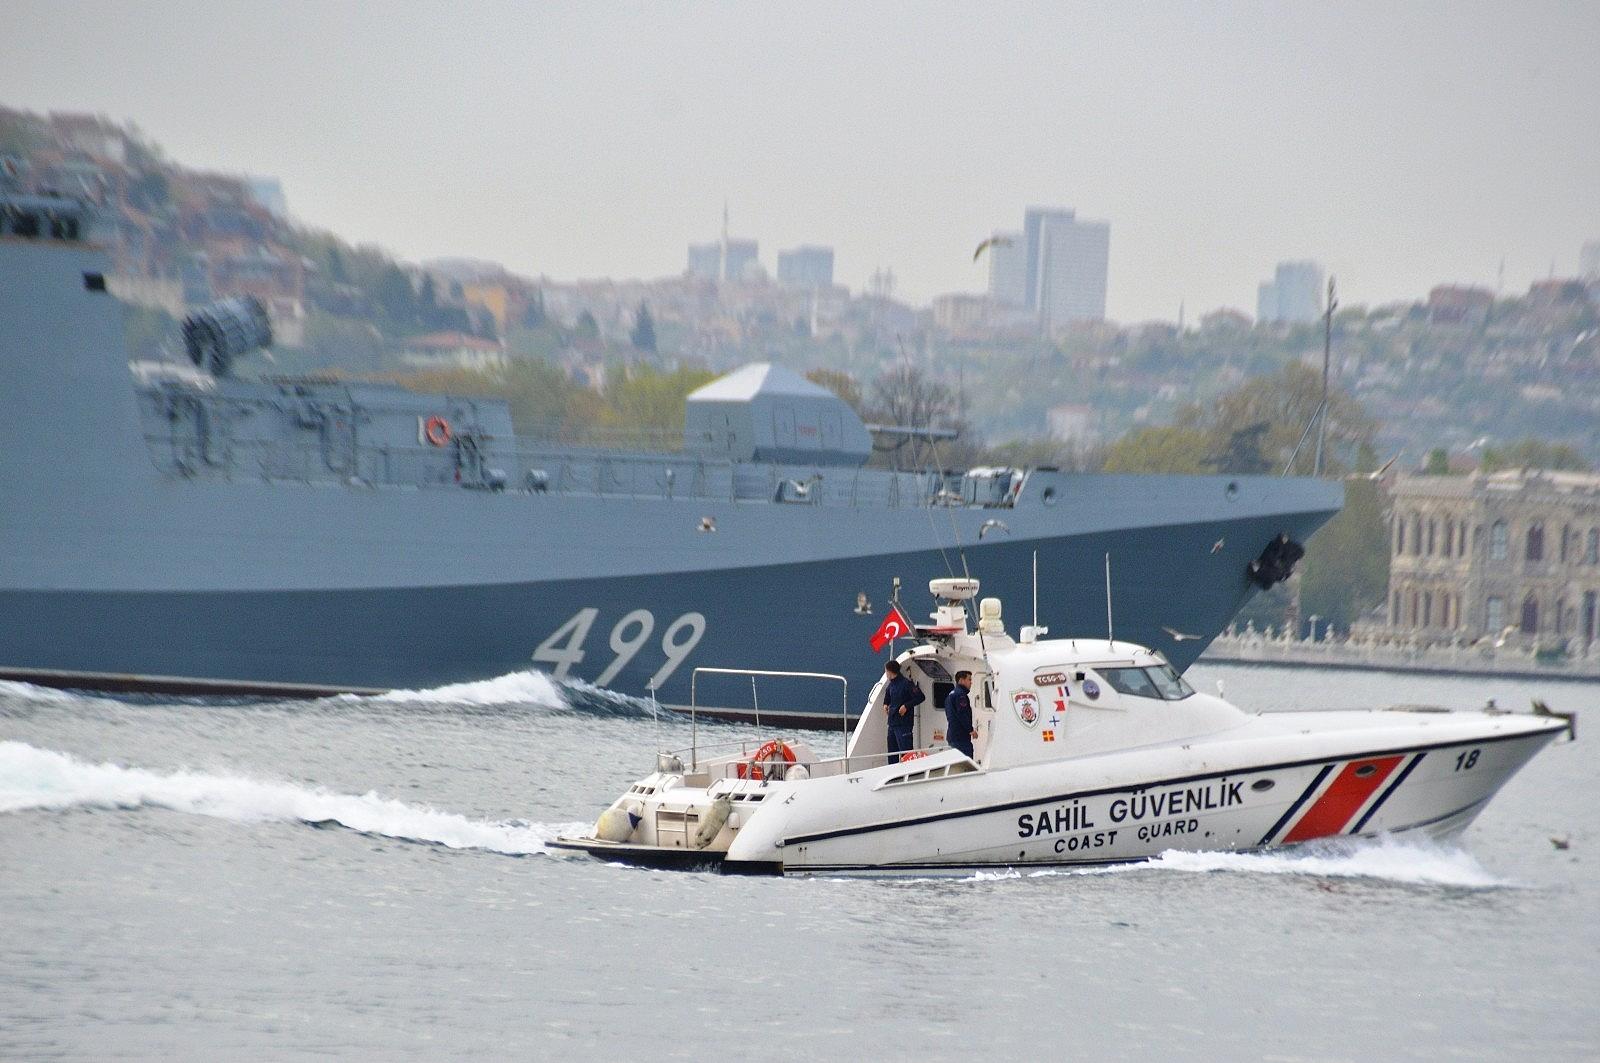 2021/05/rus-donanmasina-ait-rfs-499-borda-numarali-admiral-makarov-gemisi-bogazdan-gecti-20210502AW31-7.jpg